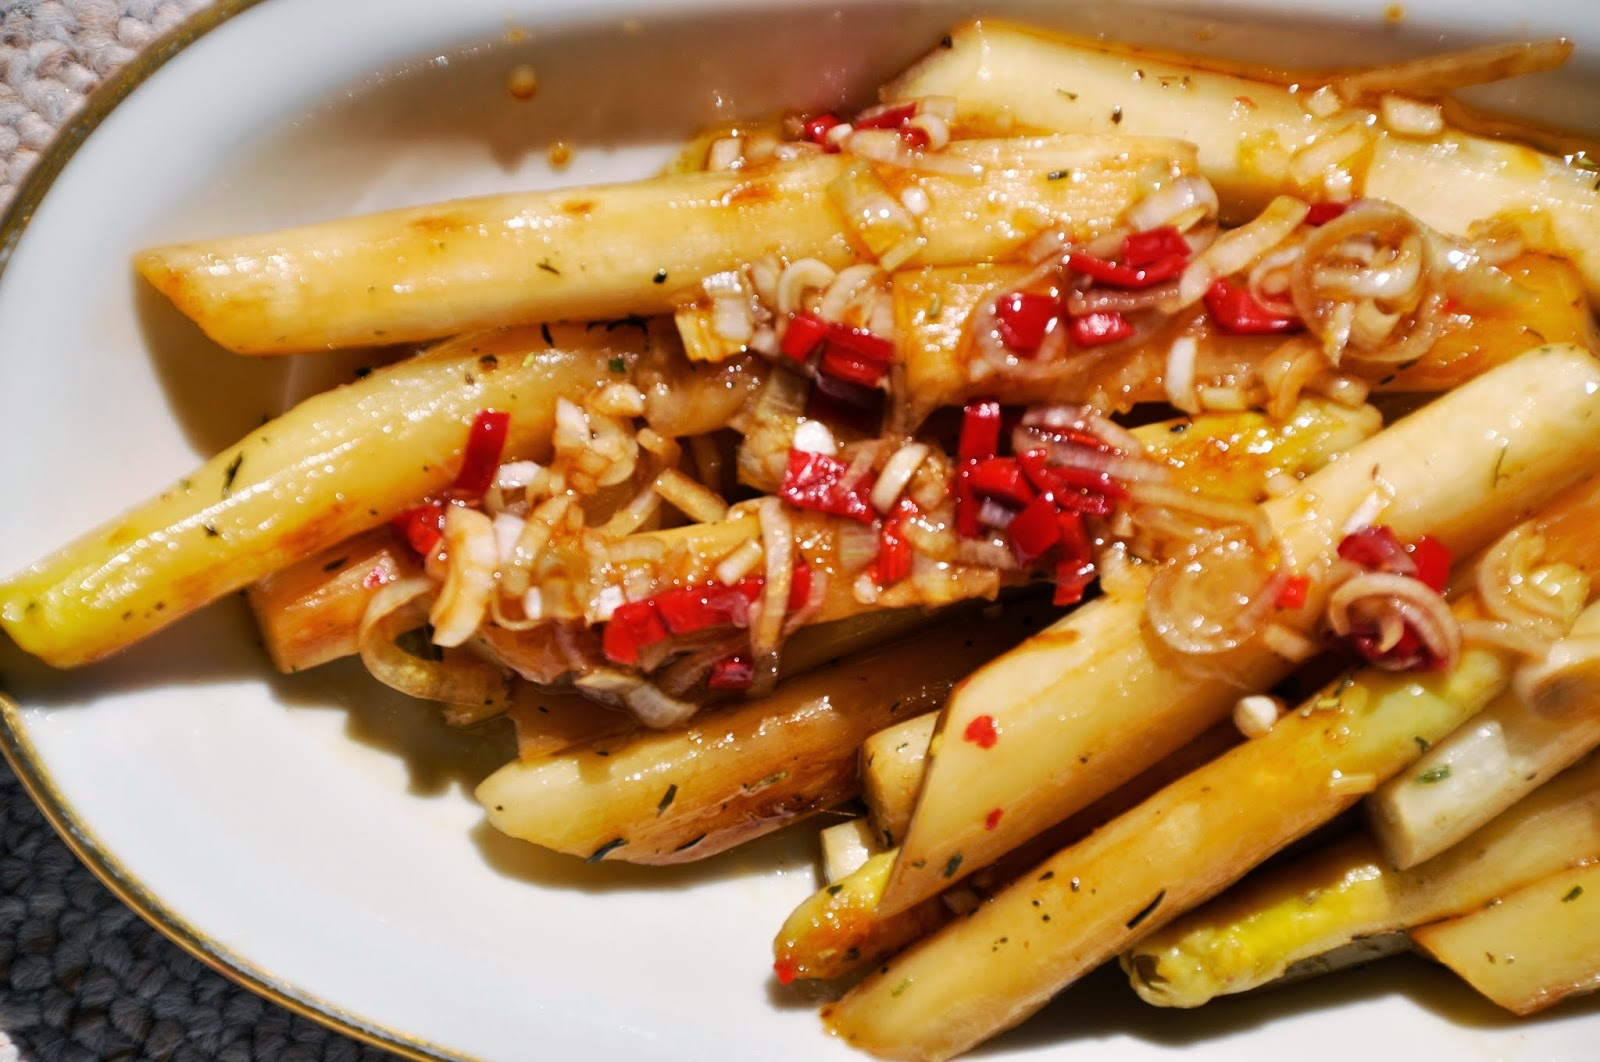 Szybko Tanio Smacznie - Sałatka z grillowanych szparagów